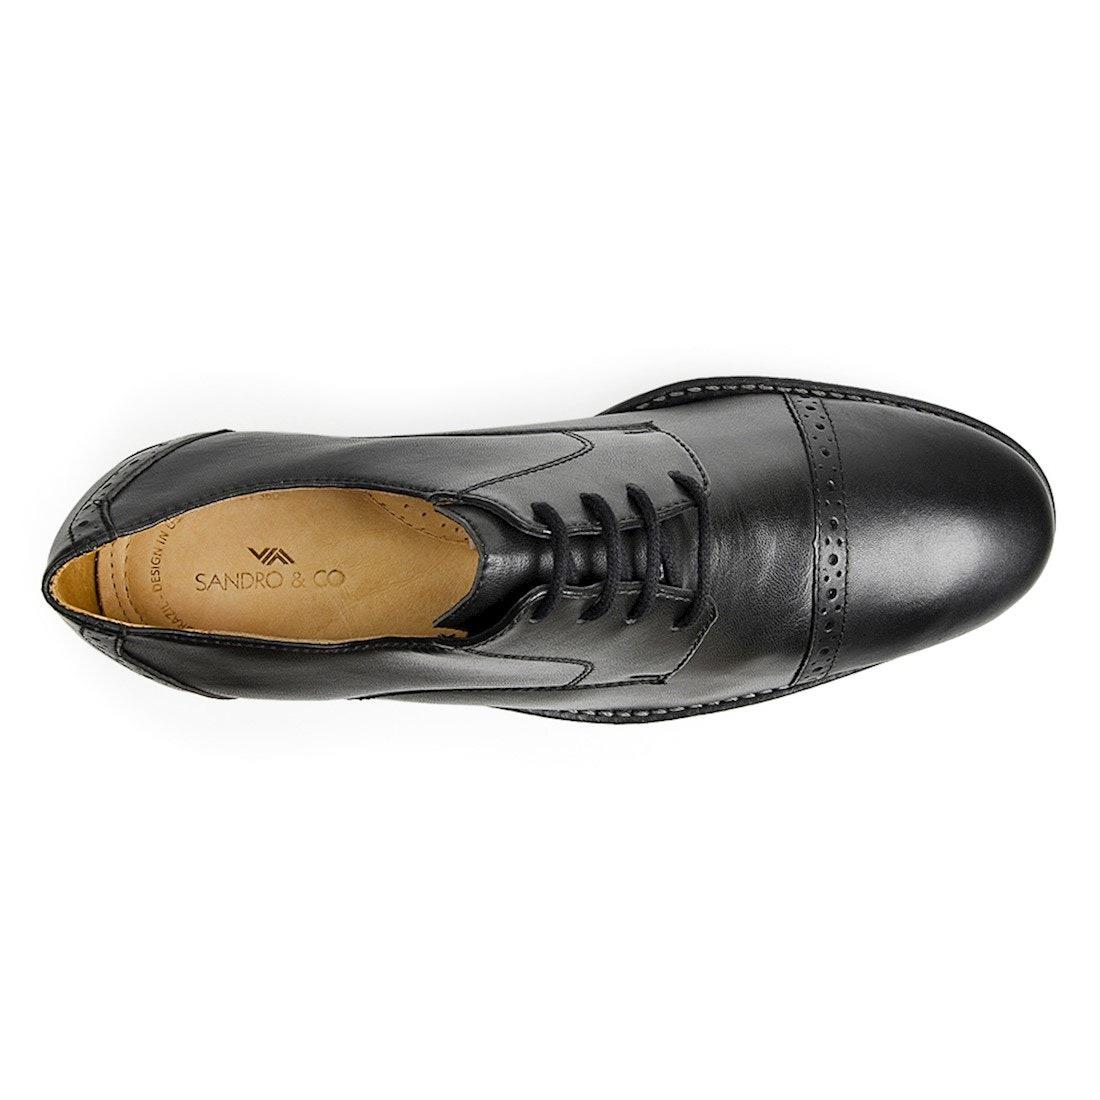 d6b4ba35a7 sapato social masculino derby sandro moscoloni suarez preto. Carregando zoom .